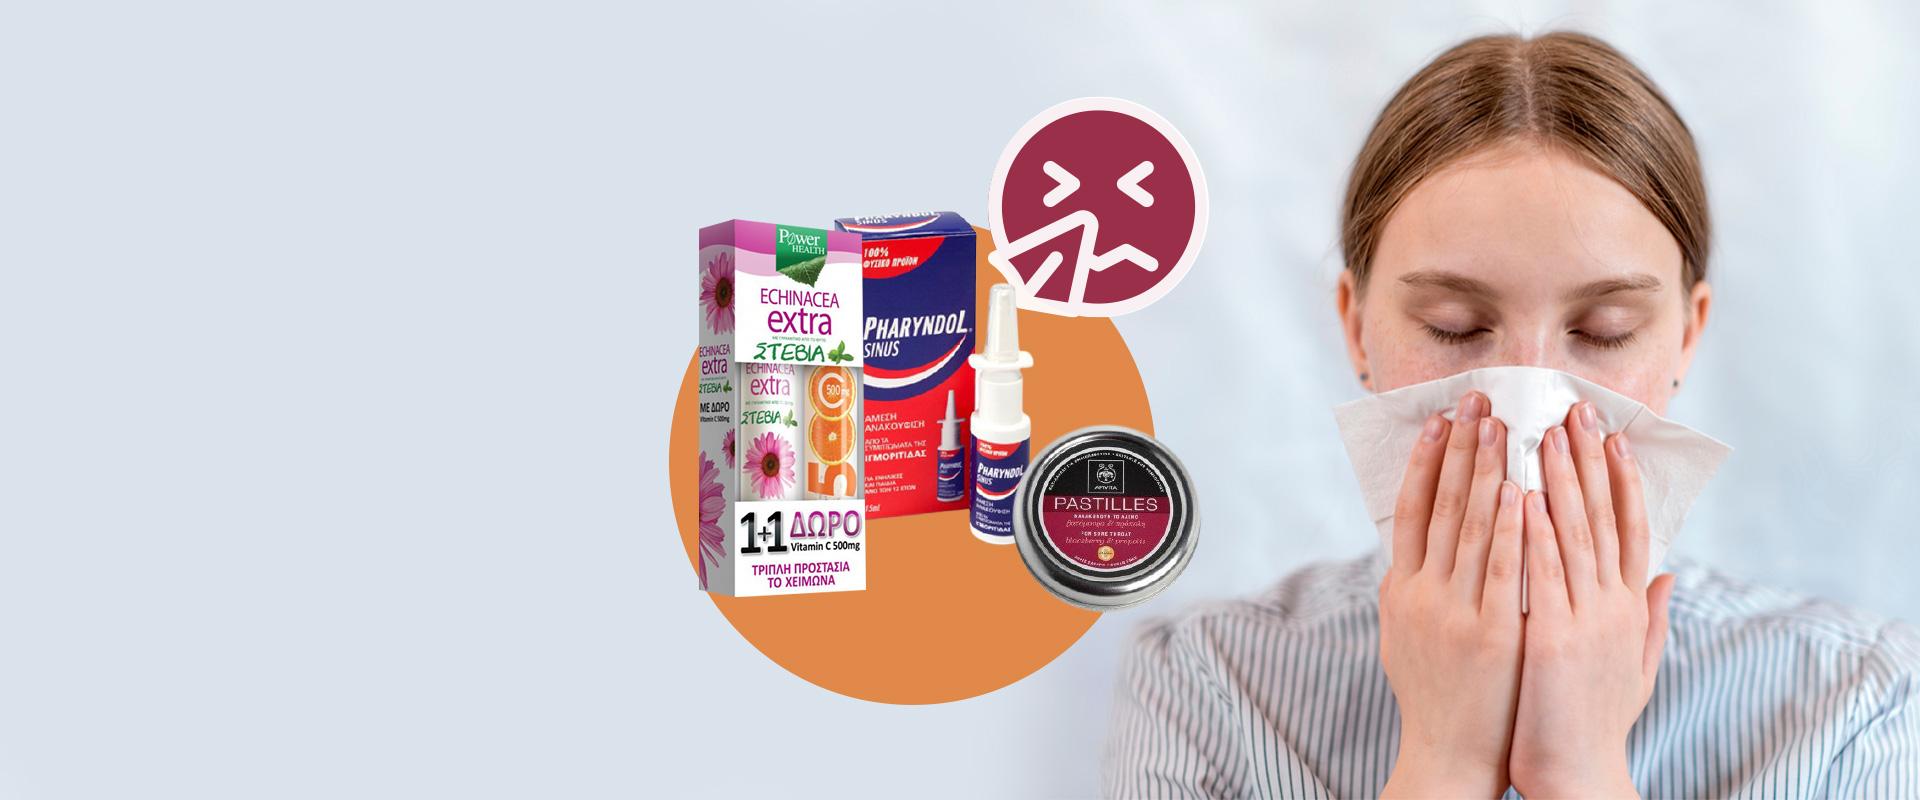 Αντιμετωπίση κρυολογήματος με τα επιλεγμένα προϊόντα του Primepharmacy!